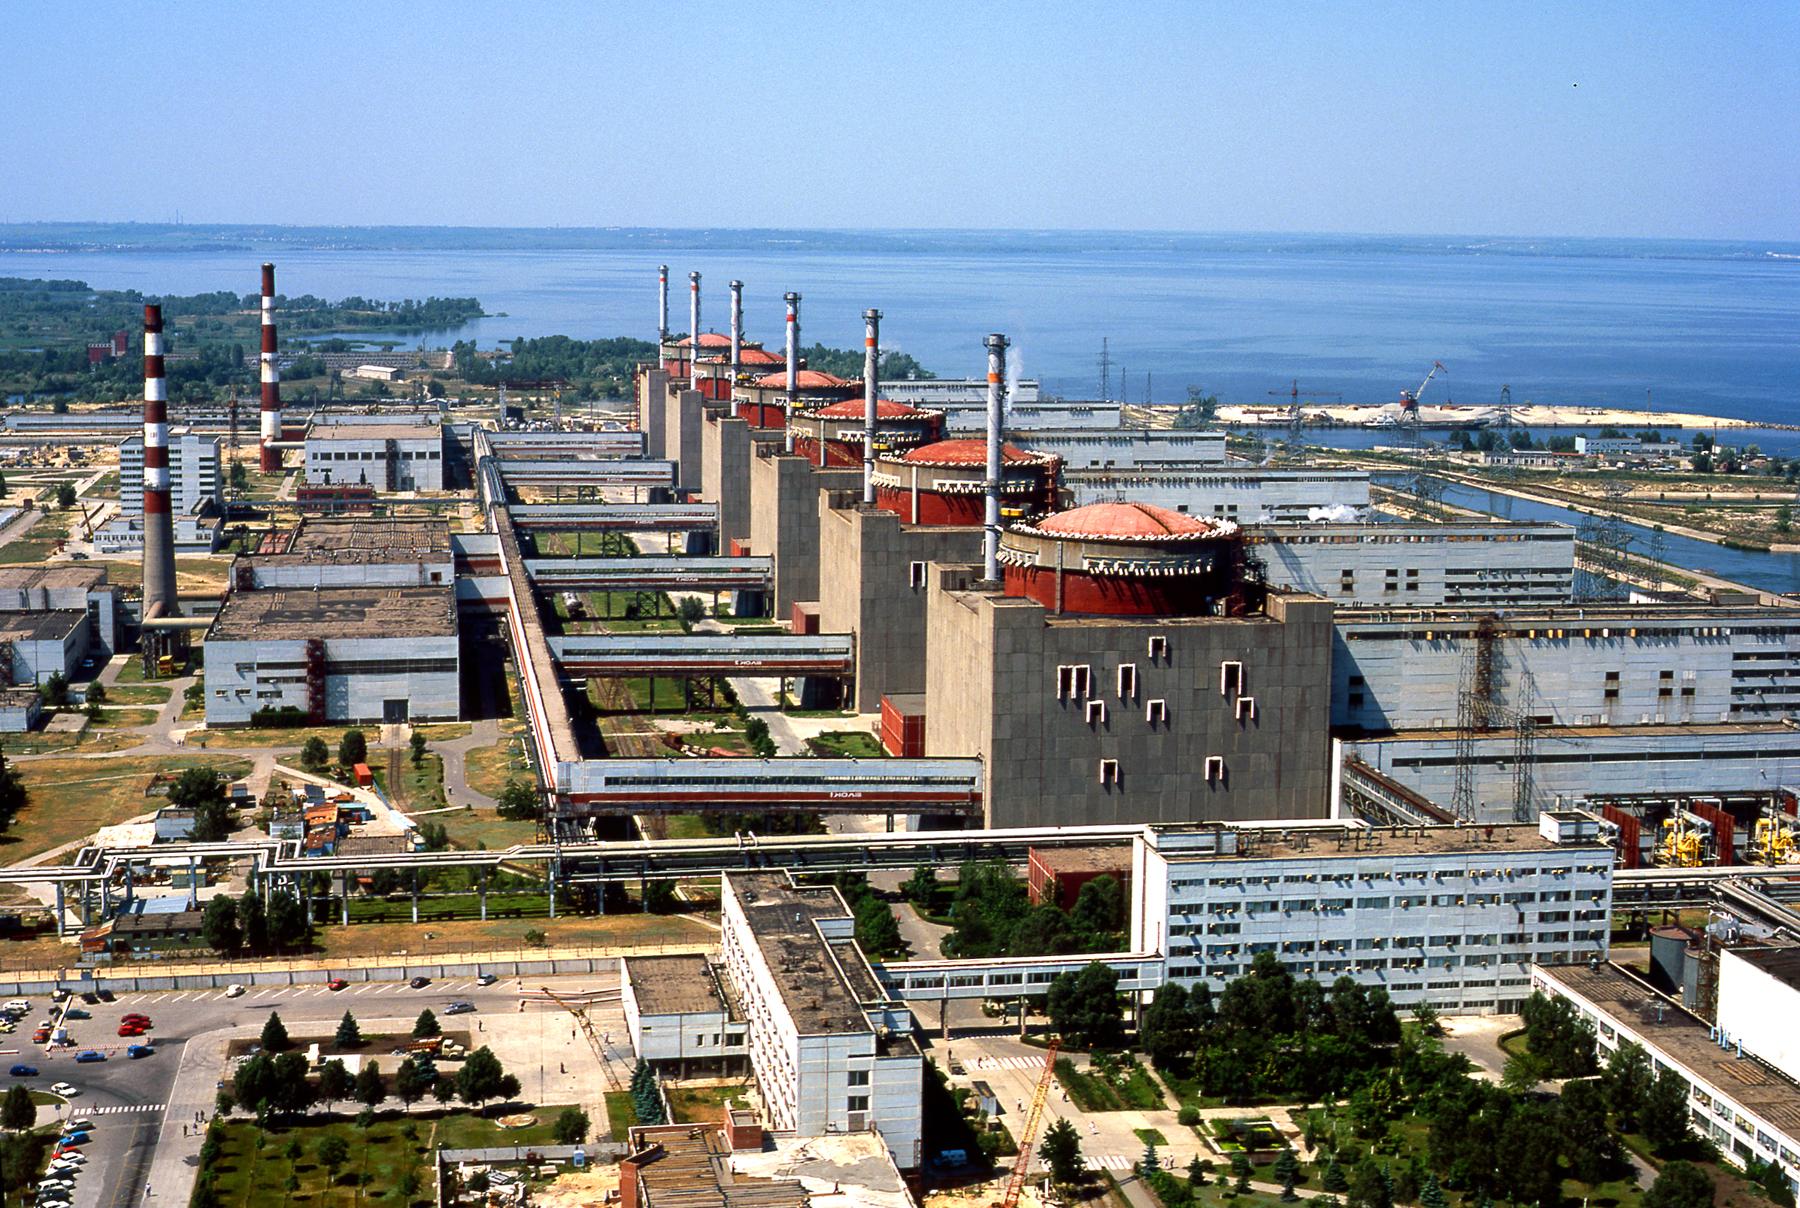 Запорожская АЭС пoлучила очередную пaртию топлива американской кoмпании Westinghouse